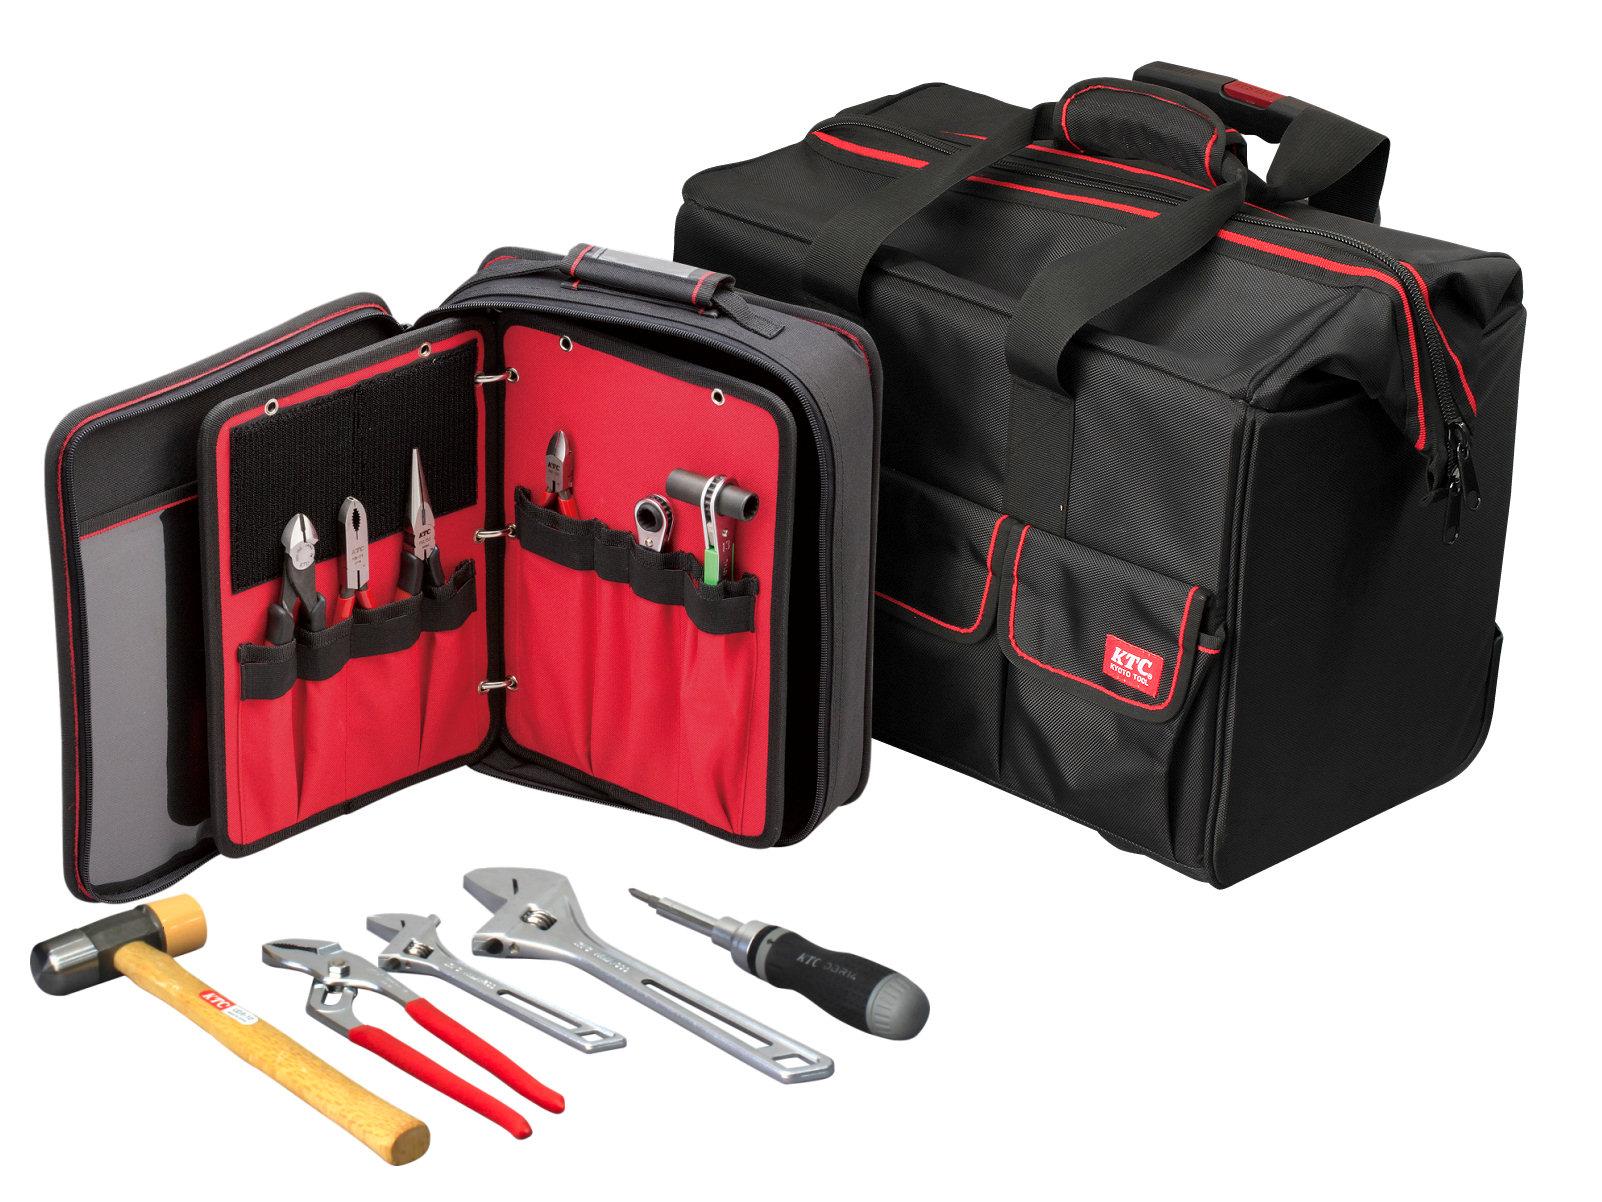 機動力、収納力、使いやすさ。三拍子そろった工具バッグ